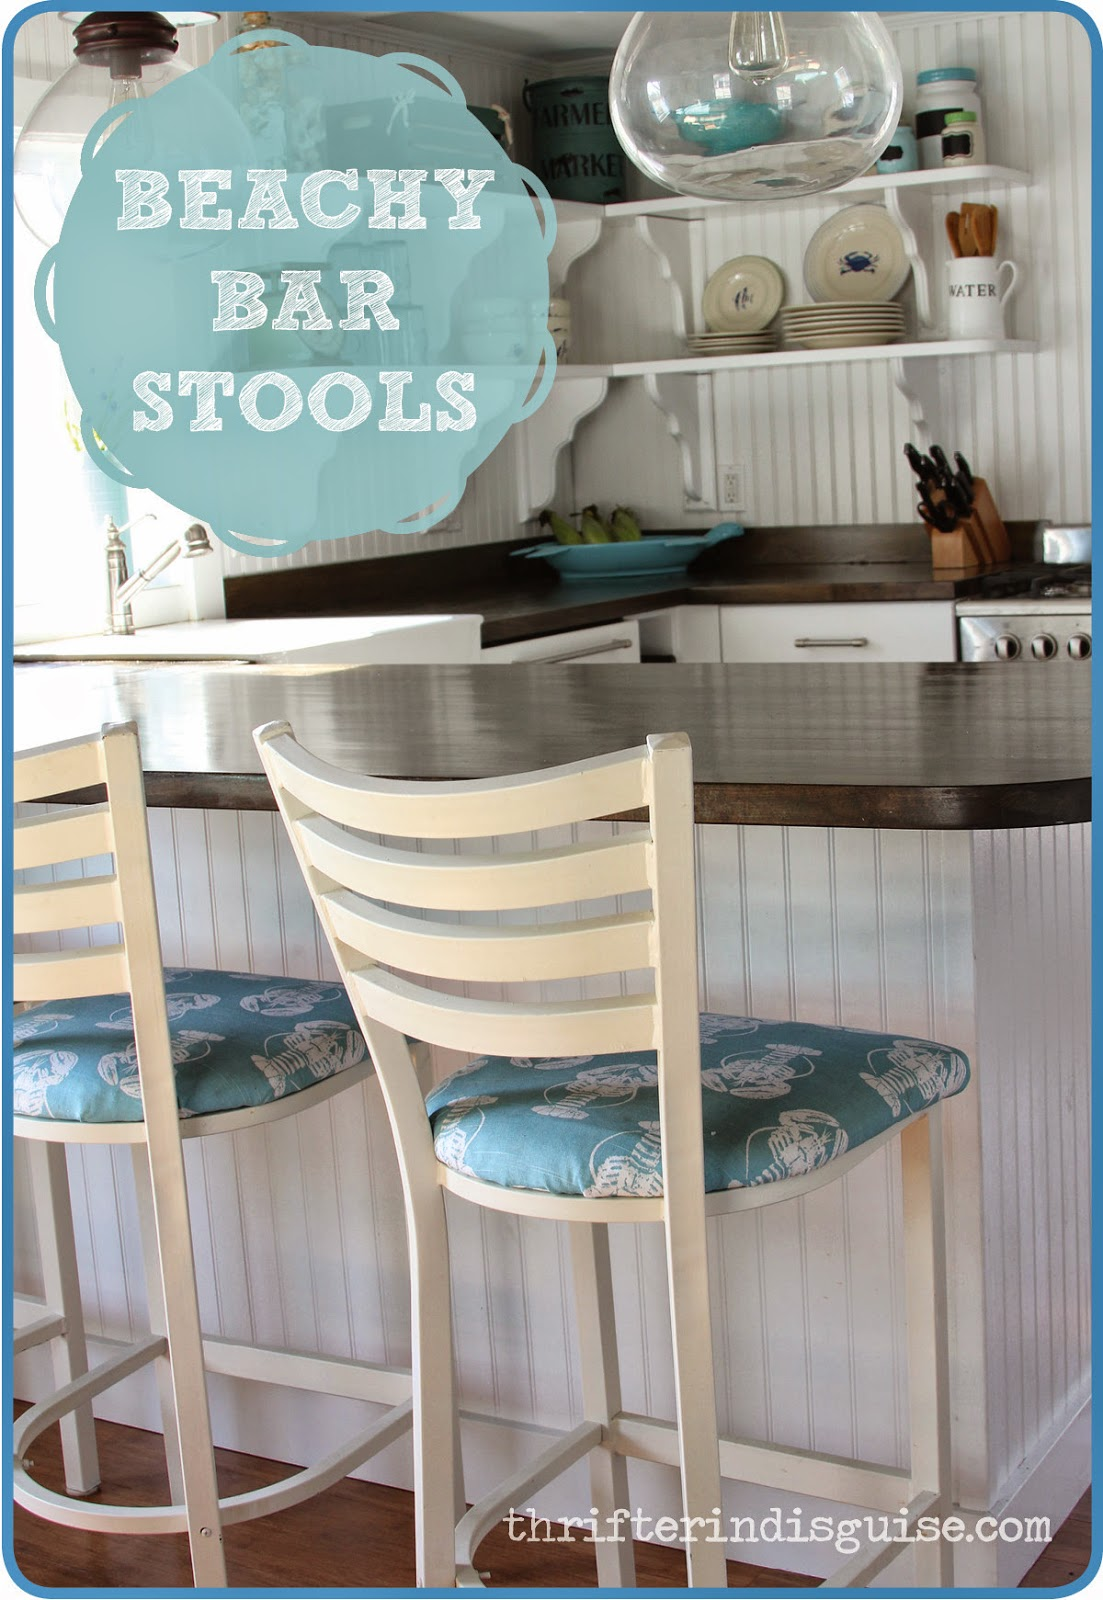 mw hawthorne stools p white stool rta cottage bar antique carolina in